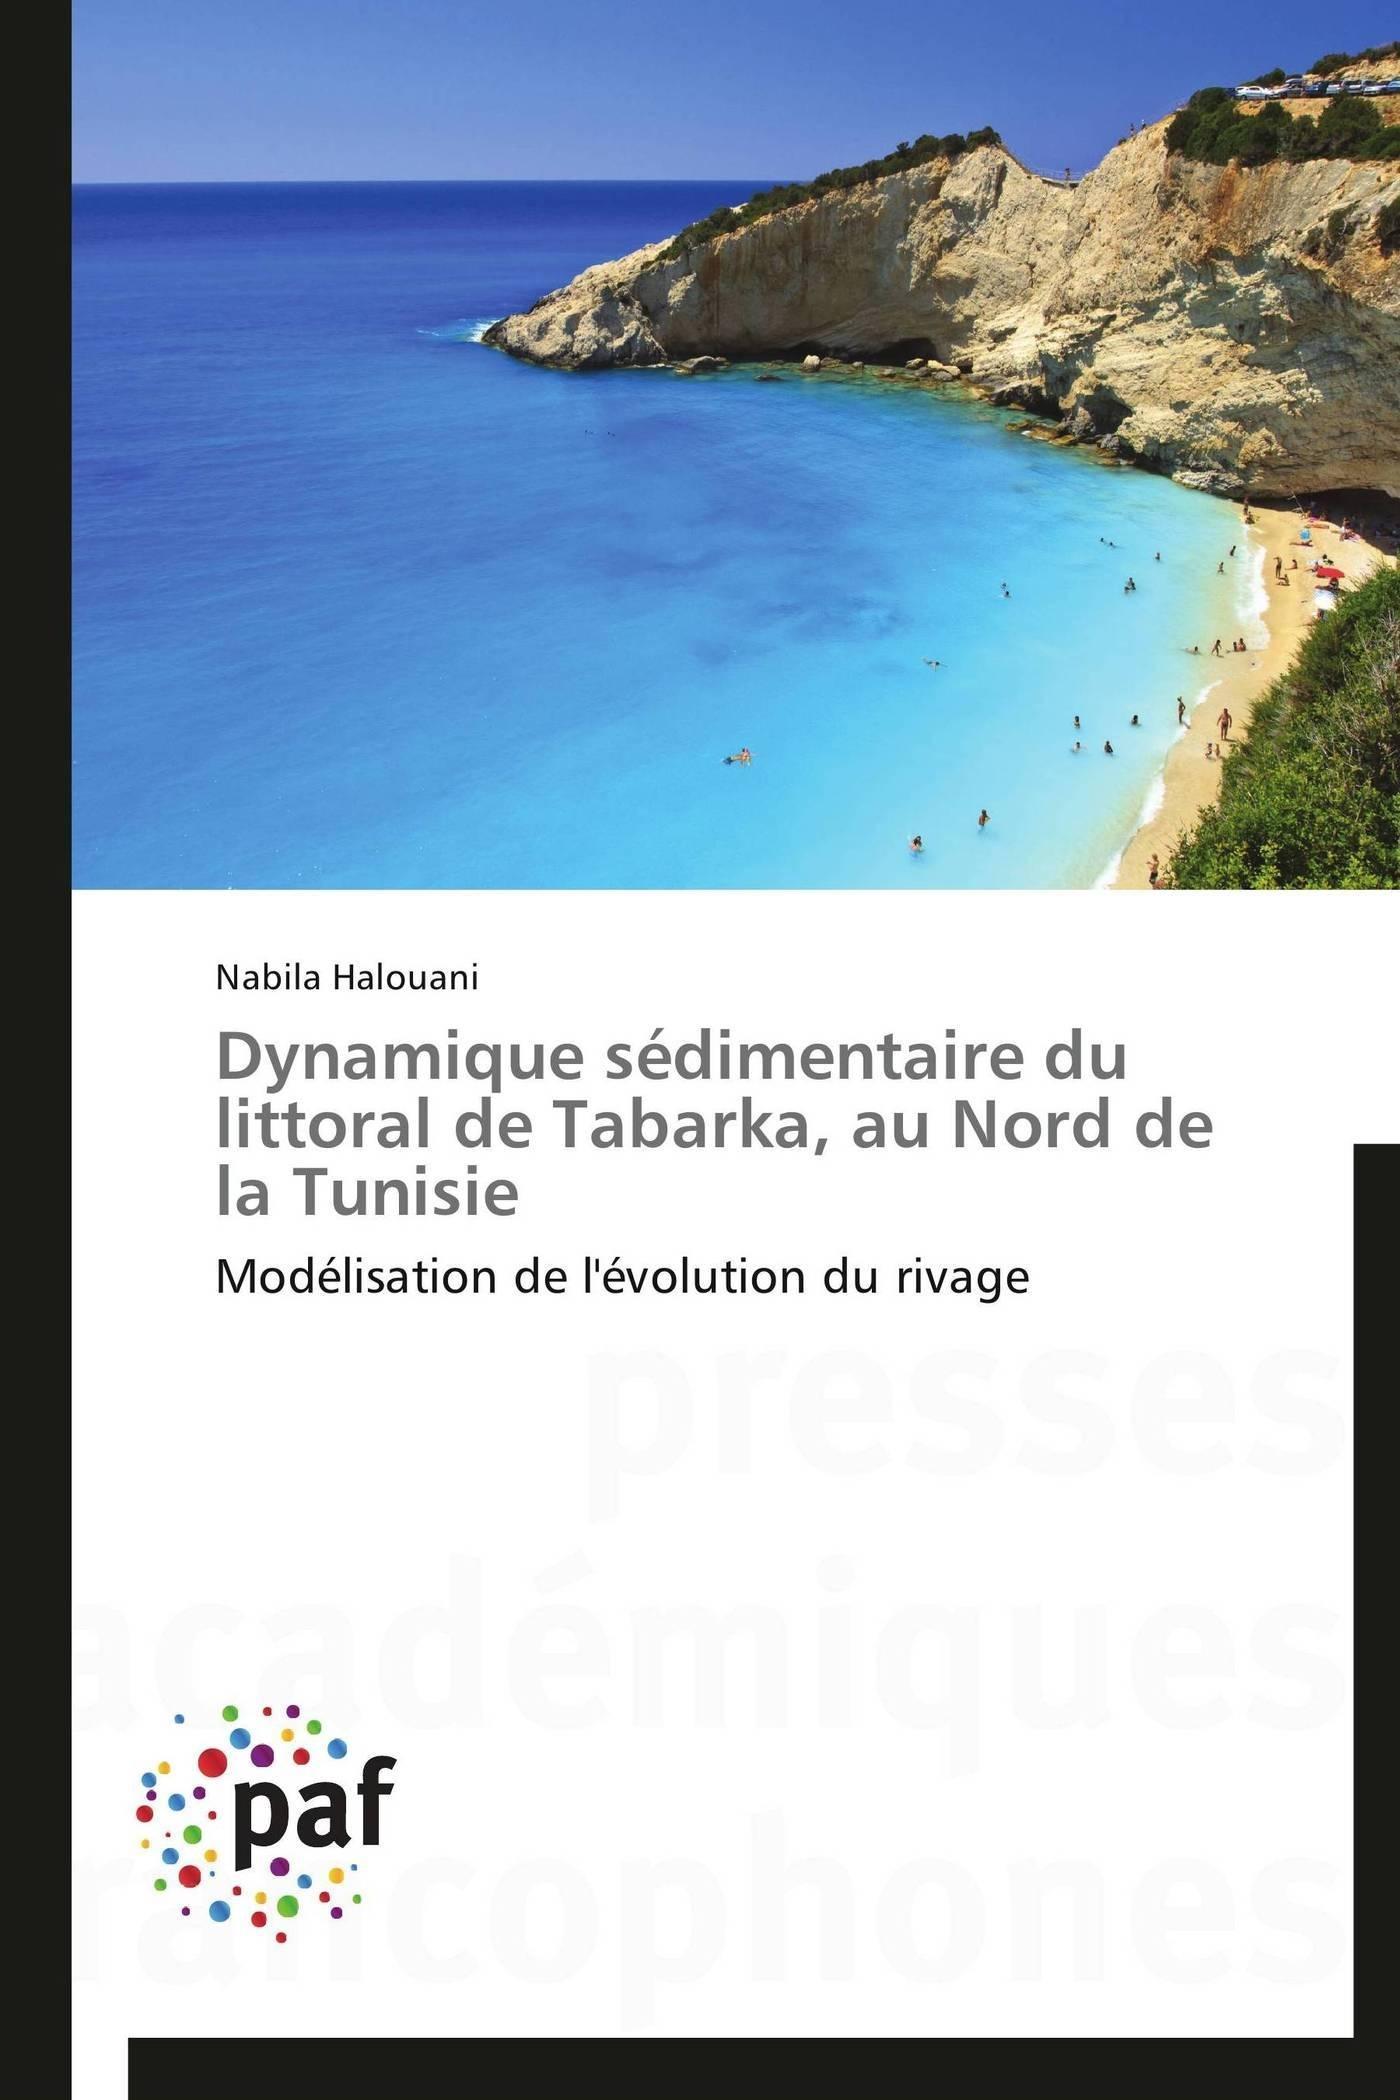 DYNAMIQUE SEDIMENTAIRE DU LITTORAL DE TABARKA, AU NORD DE LA TUNISIE